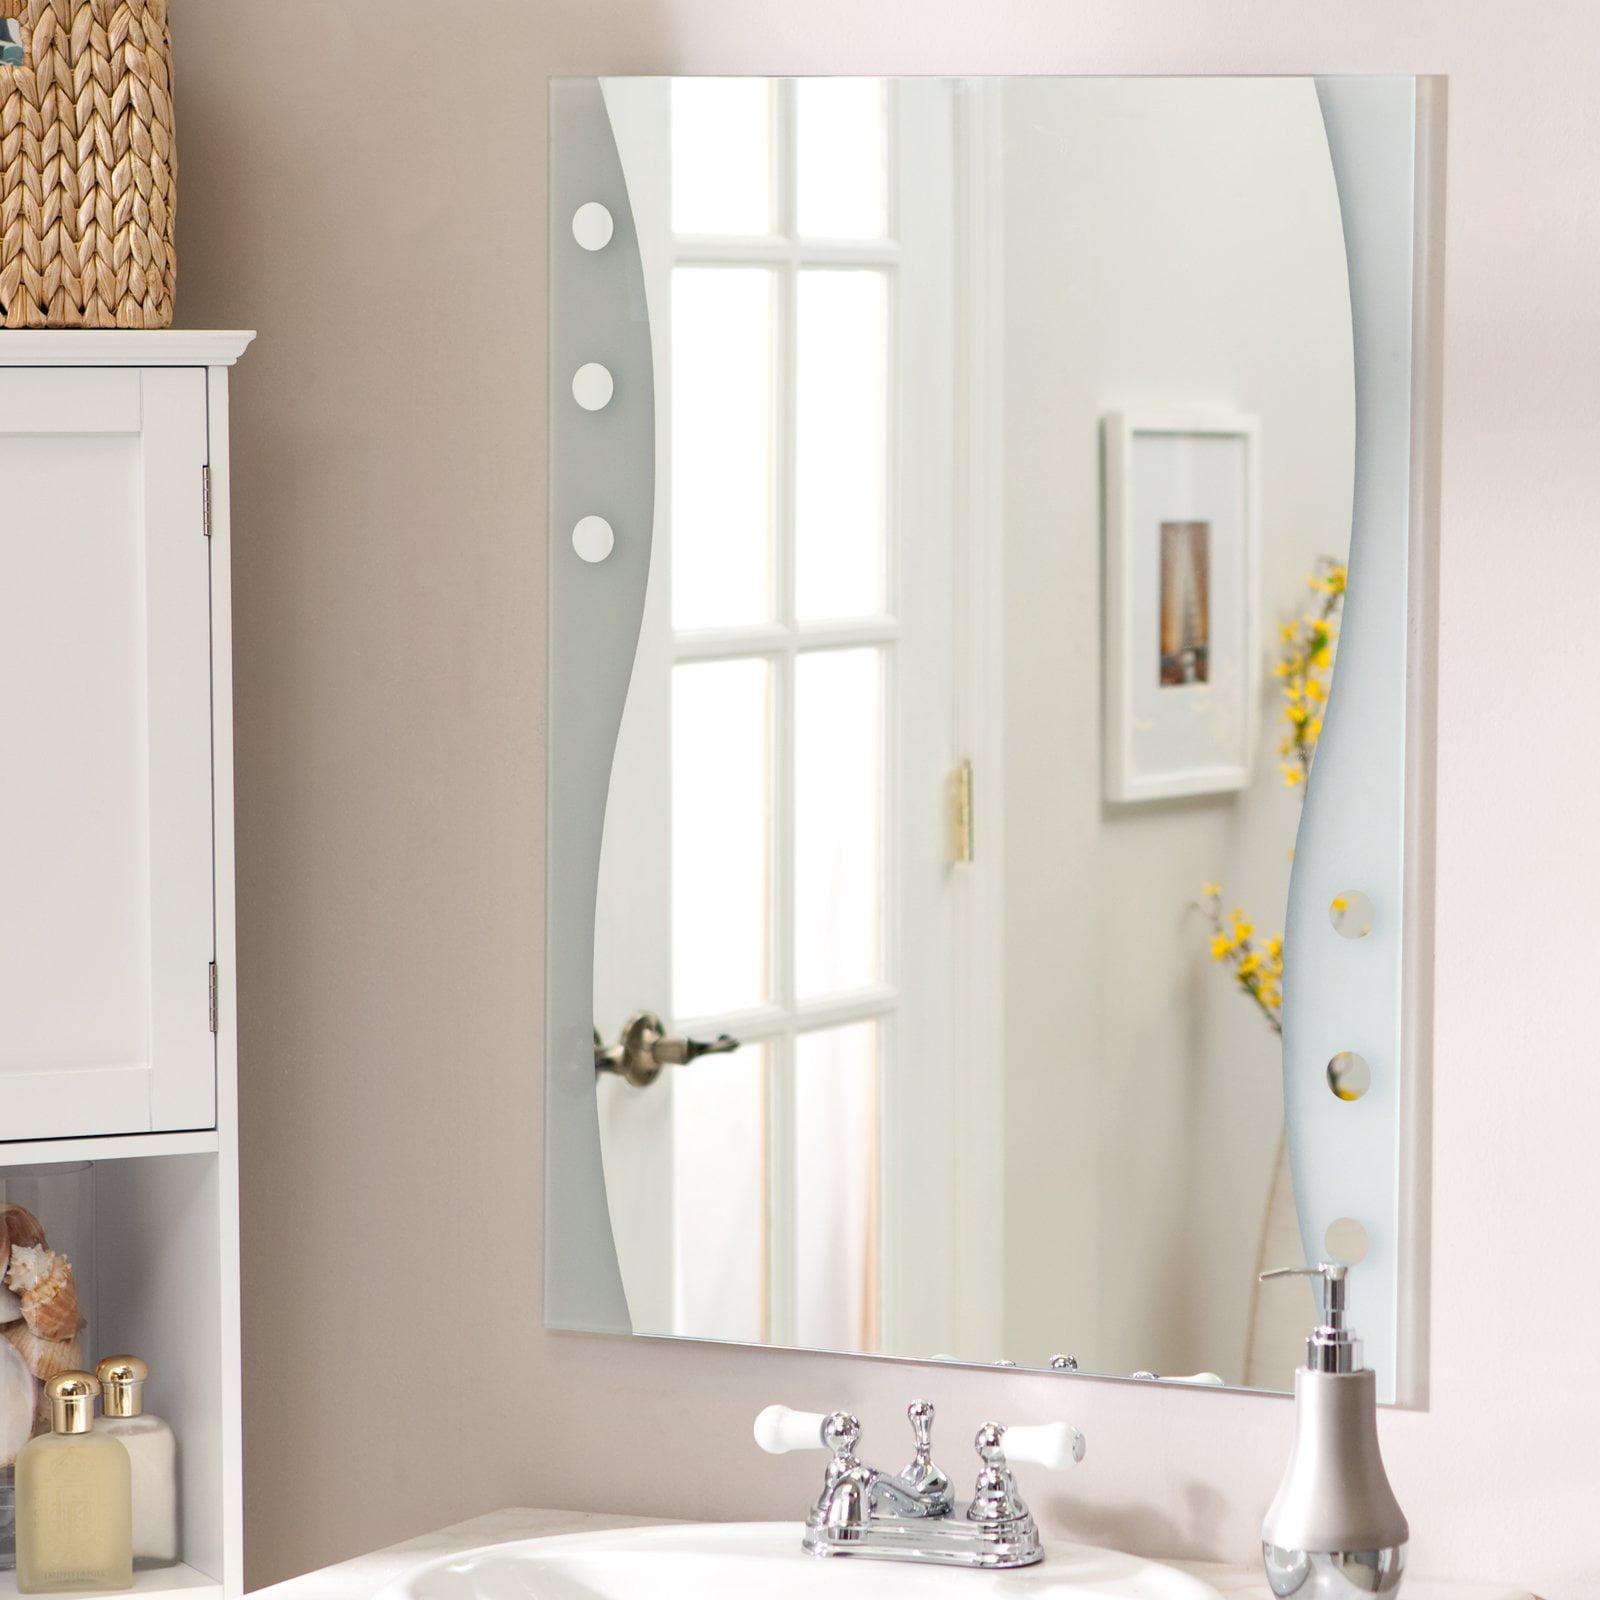 Décor Wonderland Frameless Maritime Wall Mirror - 23.5W x 31.5H in.